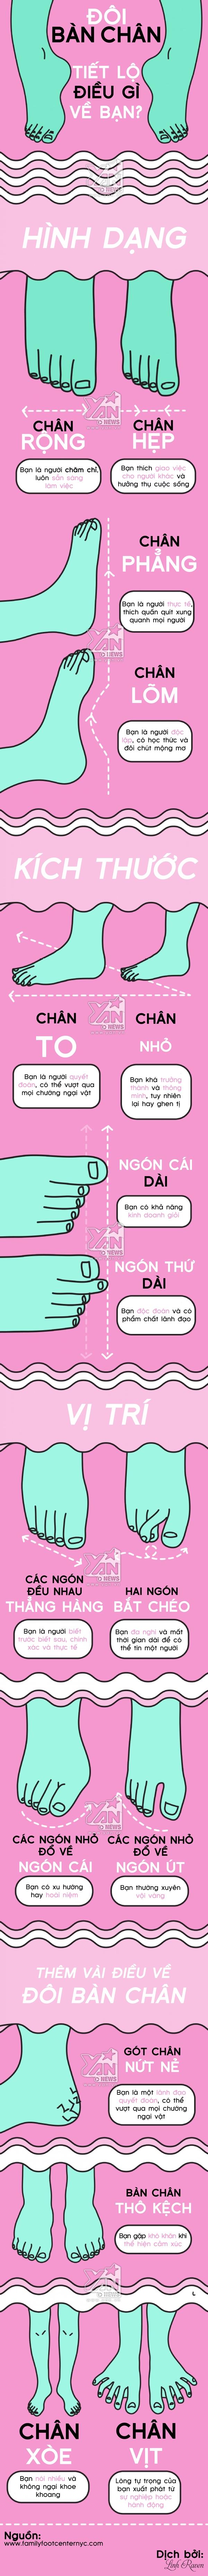 [Infographic] Đôi bàn chân tiết lộ điều gì về bạn?